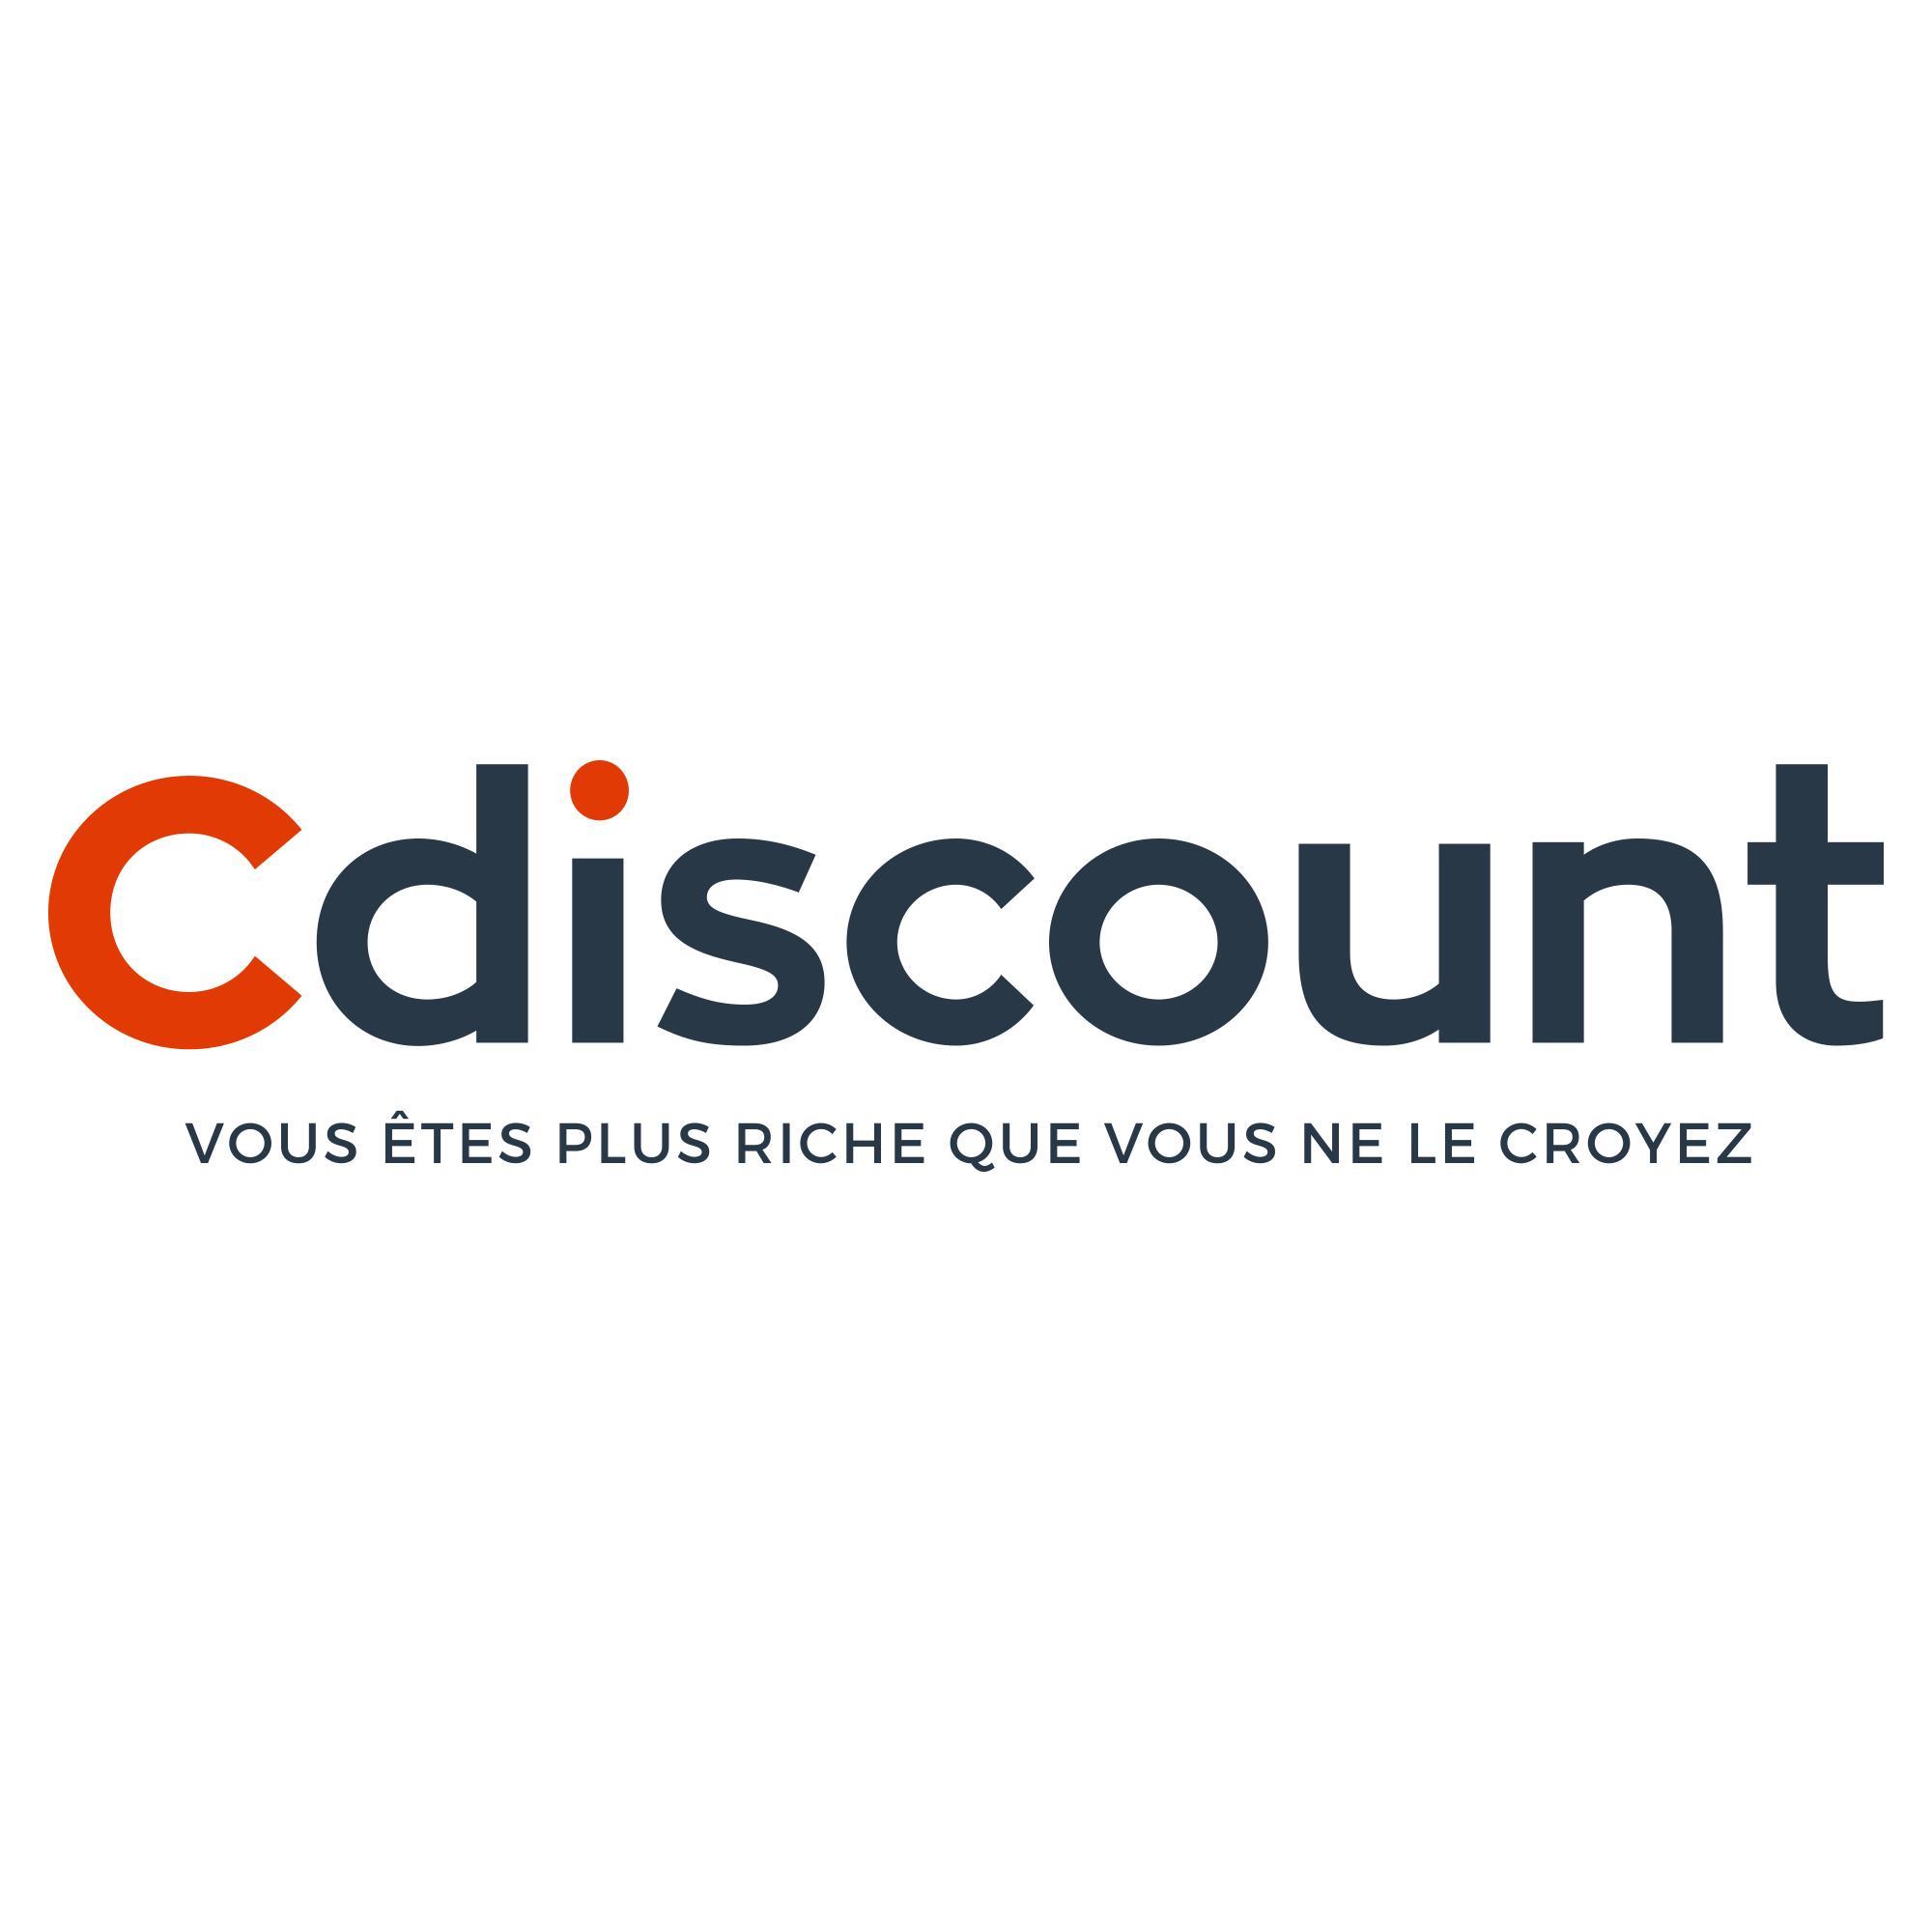 50€ de réduction dès 399€ d'achat sur tout le site (Marketplace inclus - Hors exceptions)